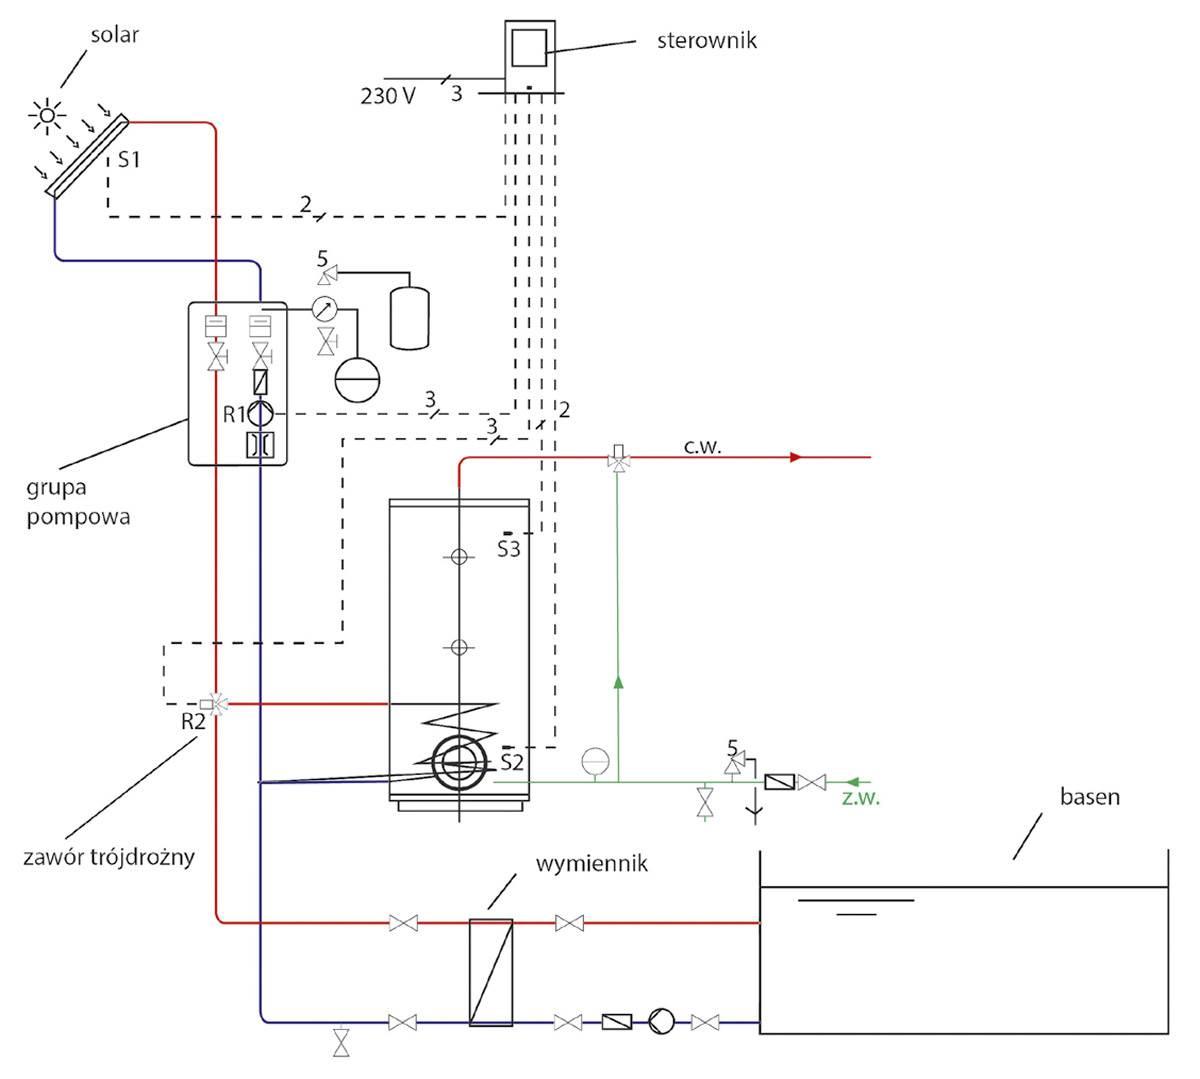 optymalizacja pracy instalacji solarnej 6 - Optymalizacja pracy instalacji solarnej i zagospodarowanie nadprodukcji energii